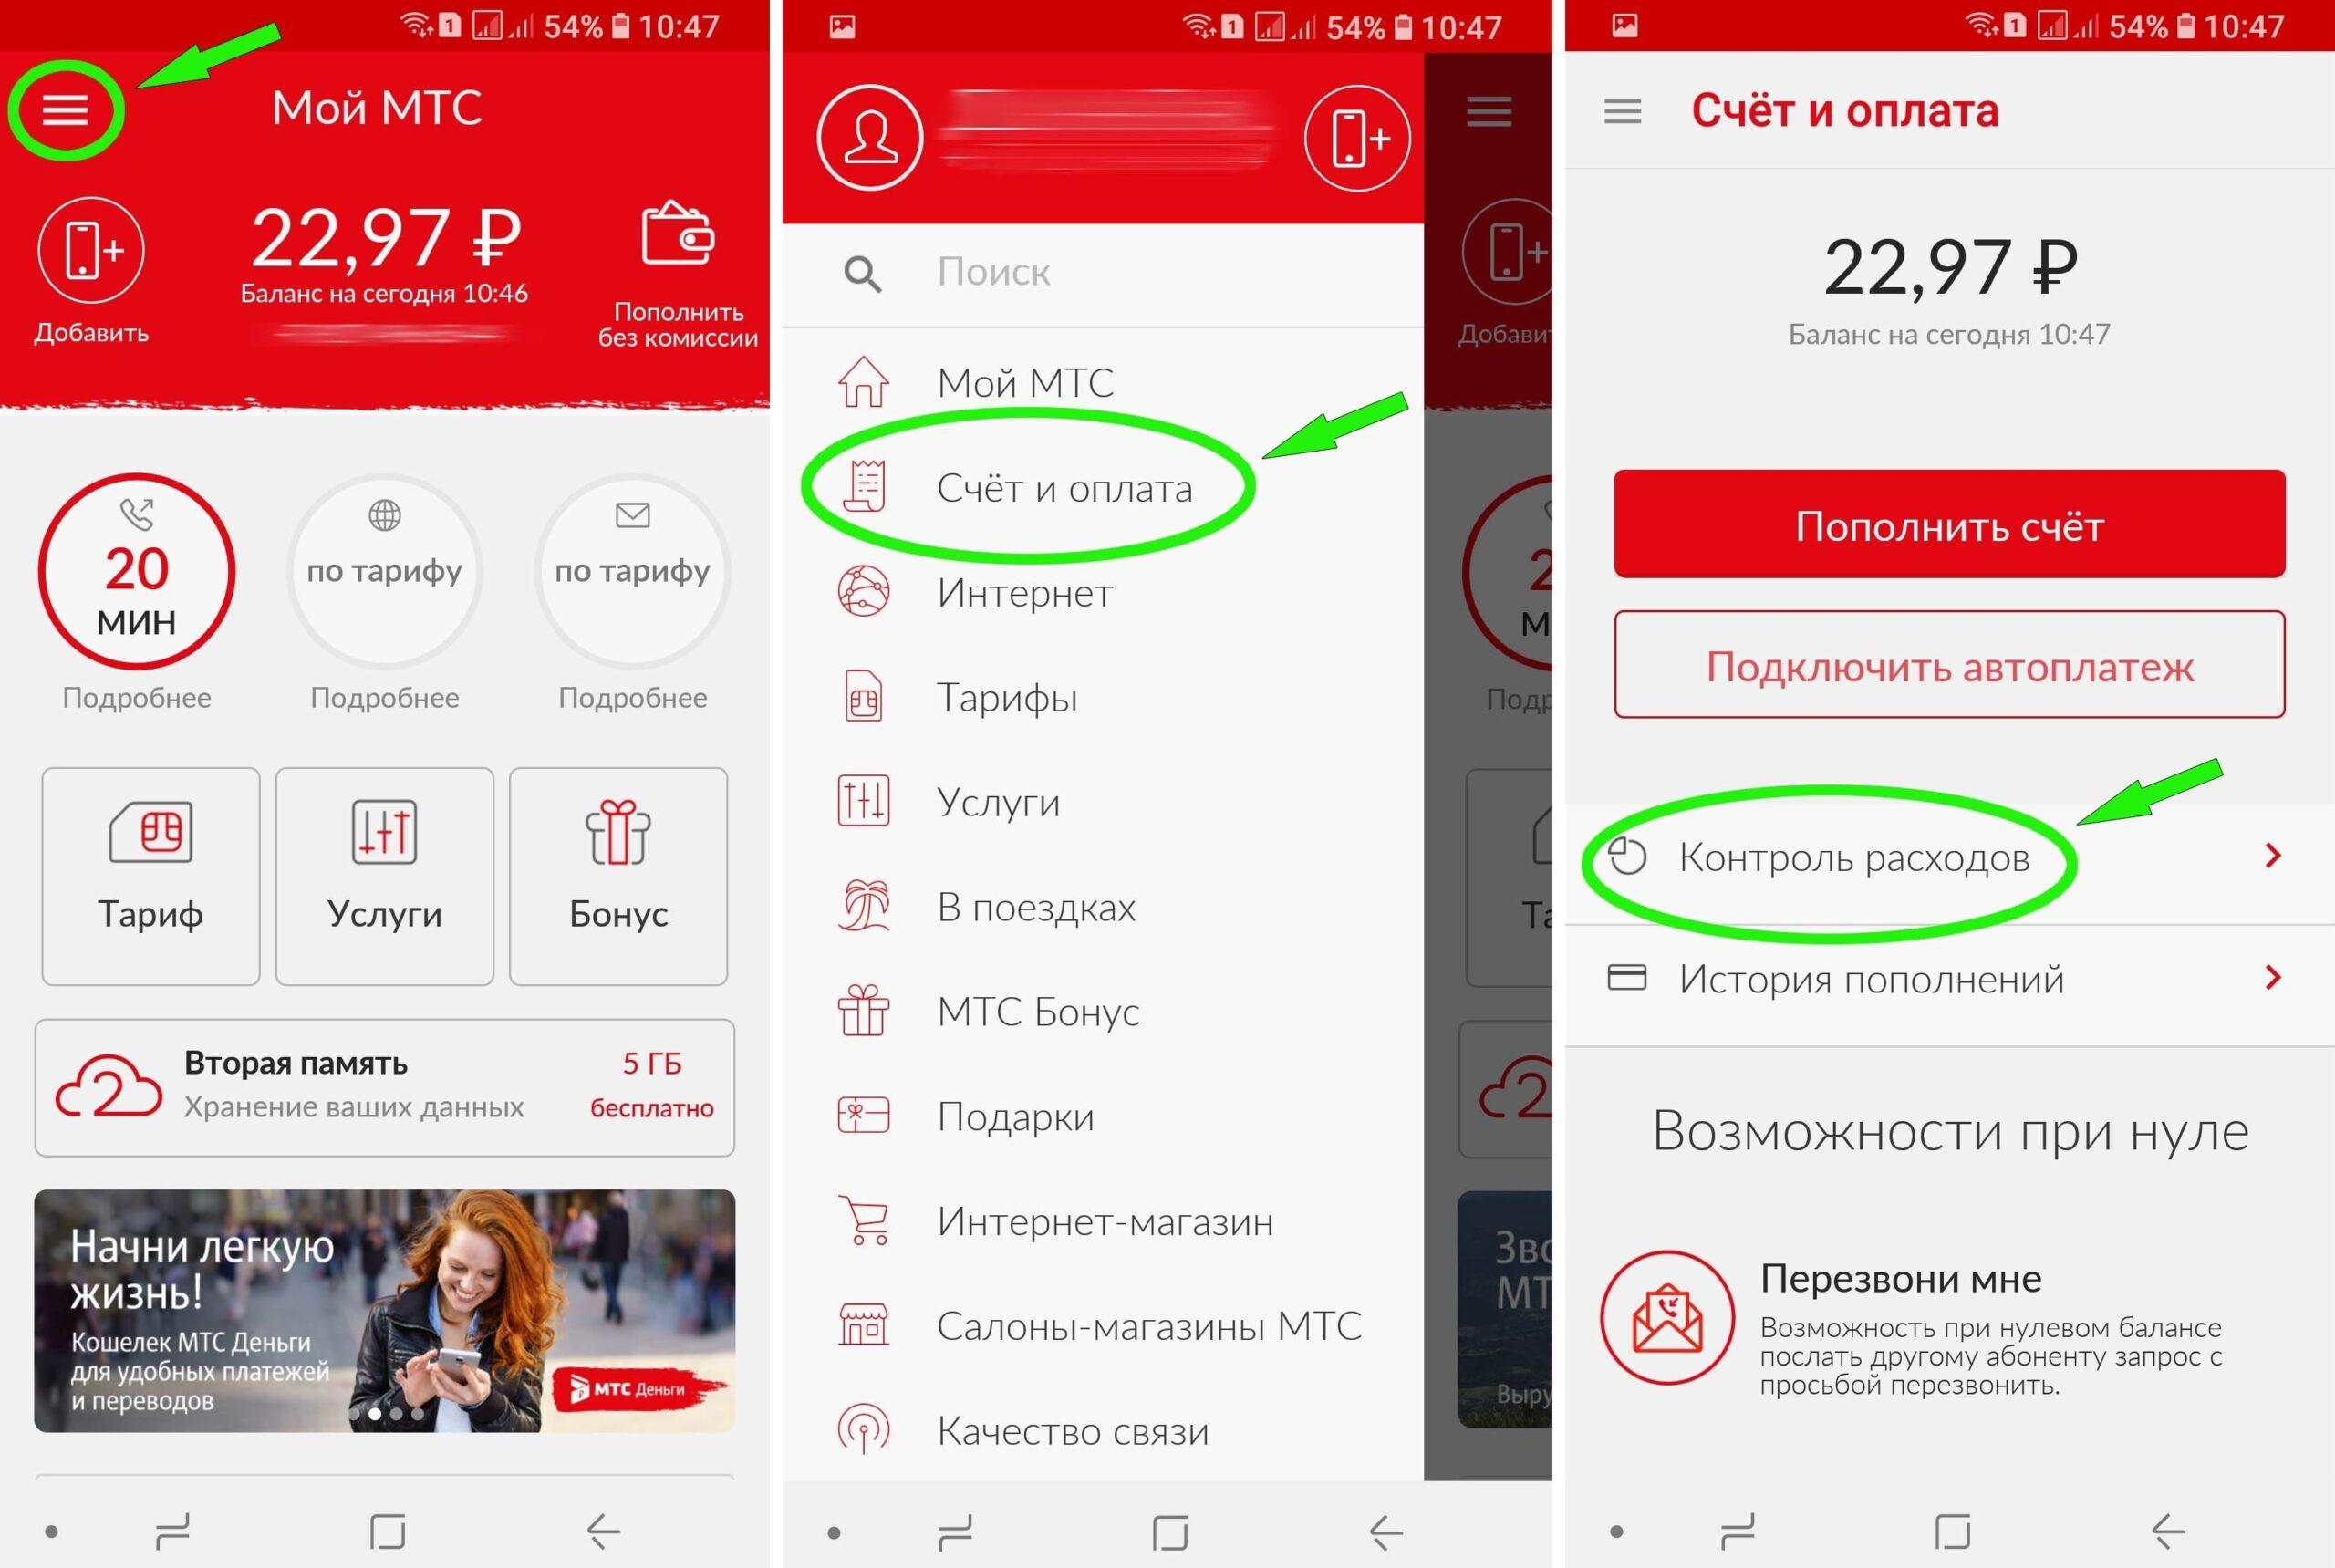 Как узнать 5 последних платных действий на МТС в мобильном приложении